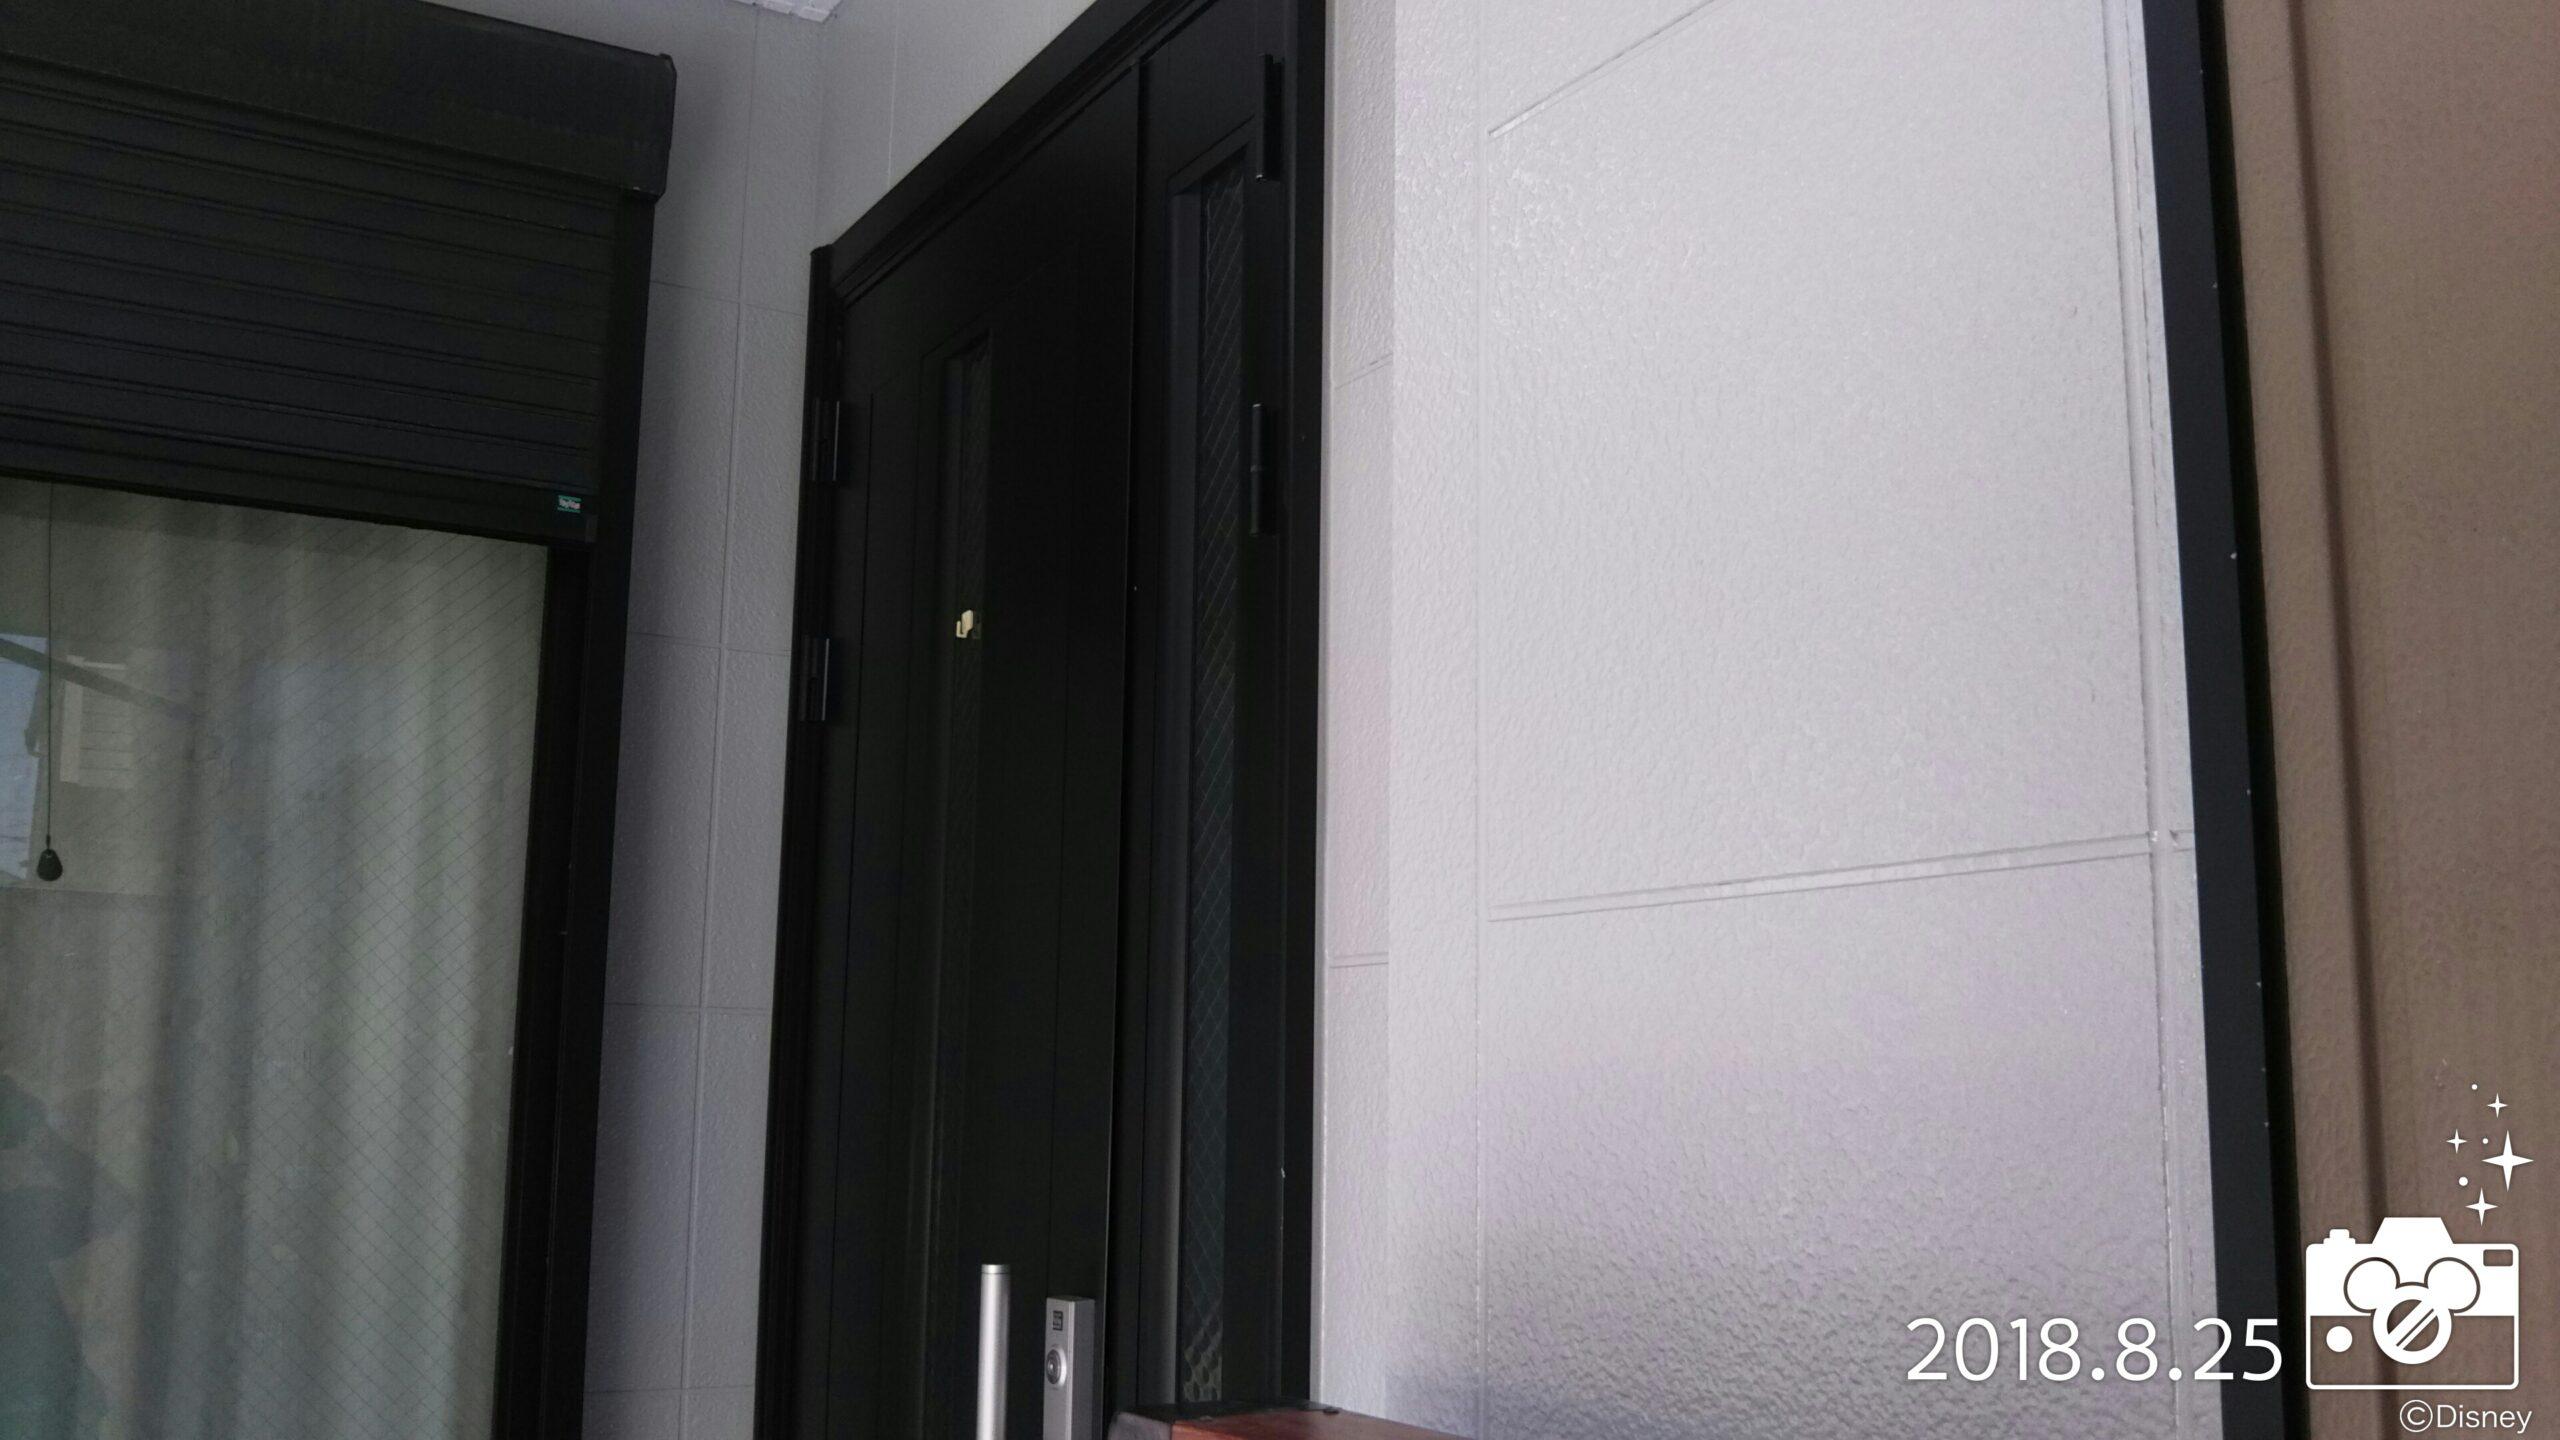 埼玉県さいたま市 外壁の洗浄、別の現場にての鉄部塗装|さいたま市中央区のF様邸・さいたま市南区のT様邸にて塗り替えリフォーム中